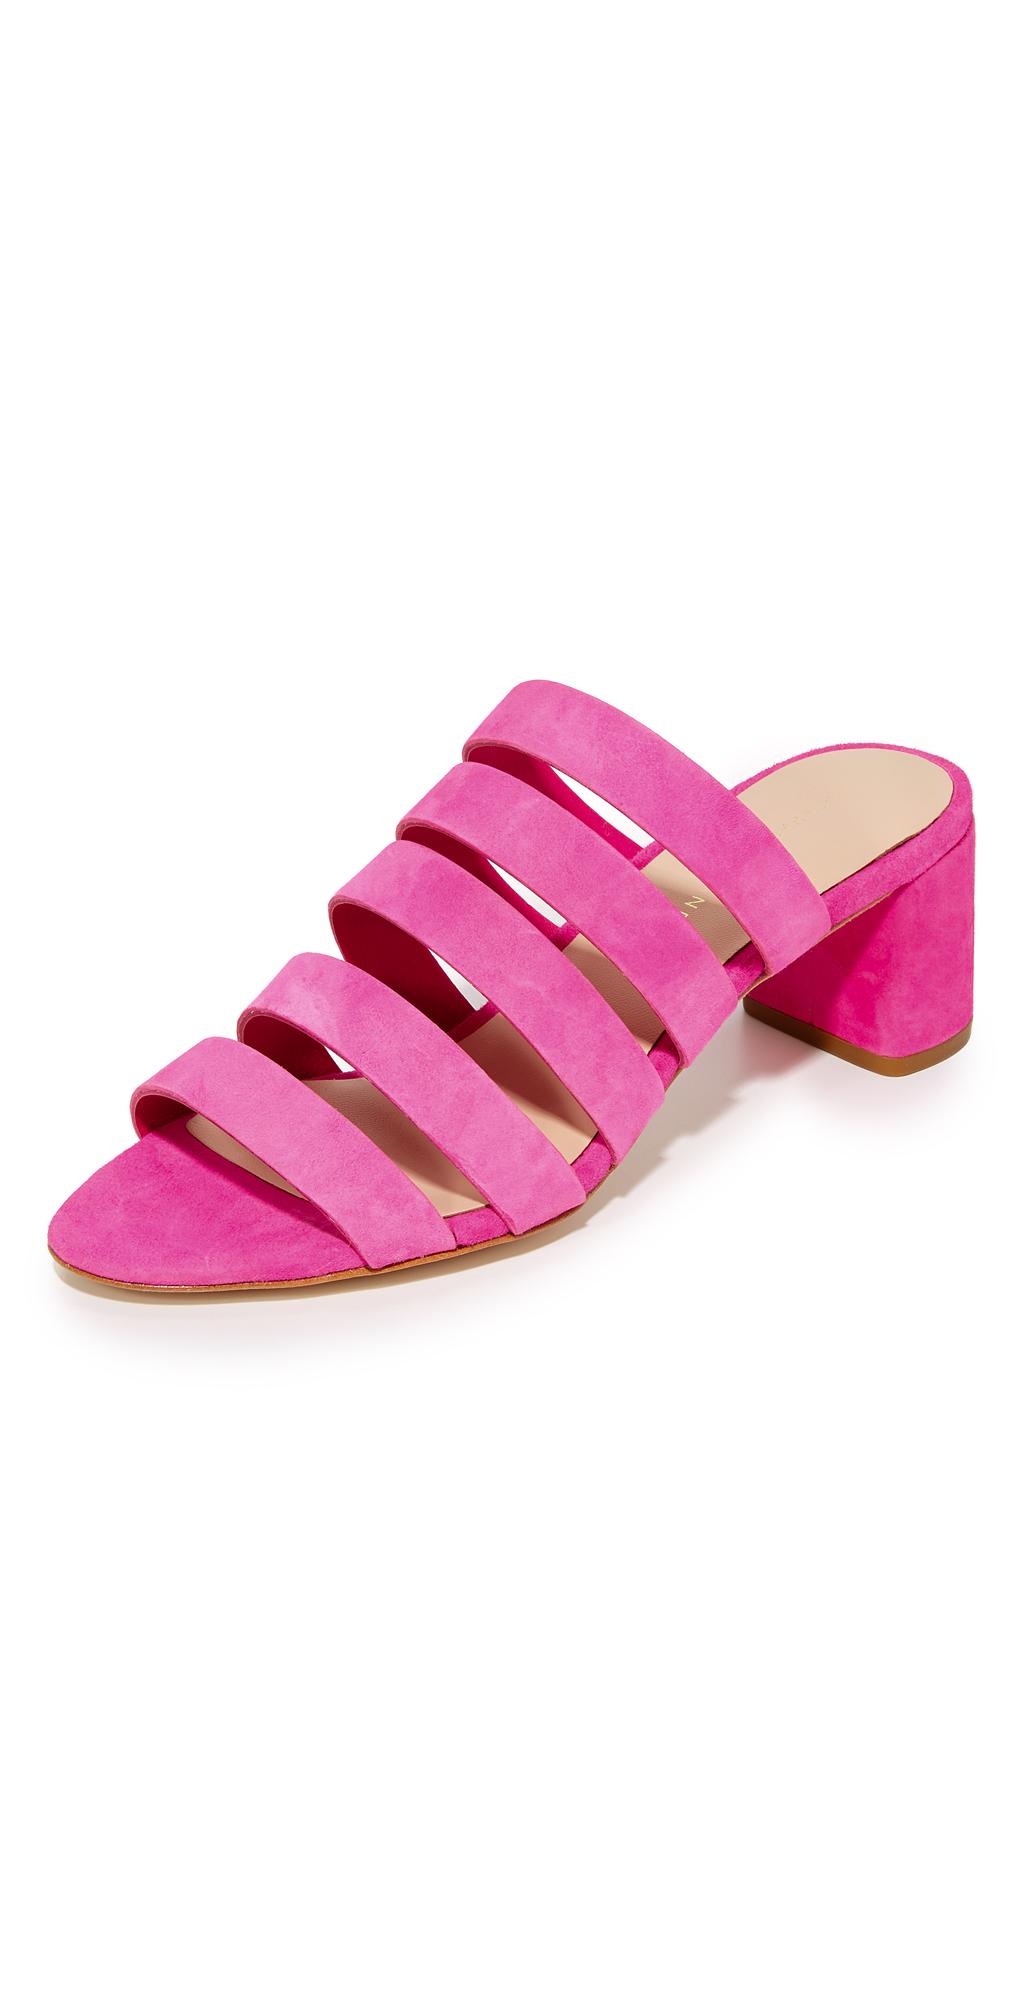 Finley City Sandals Loeffler Randall